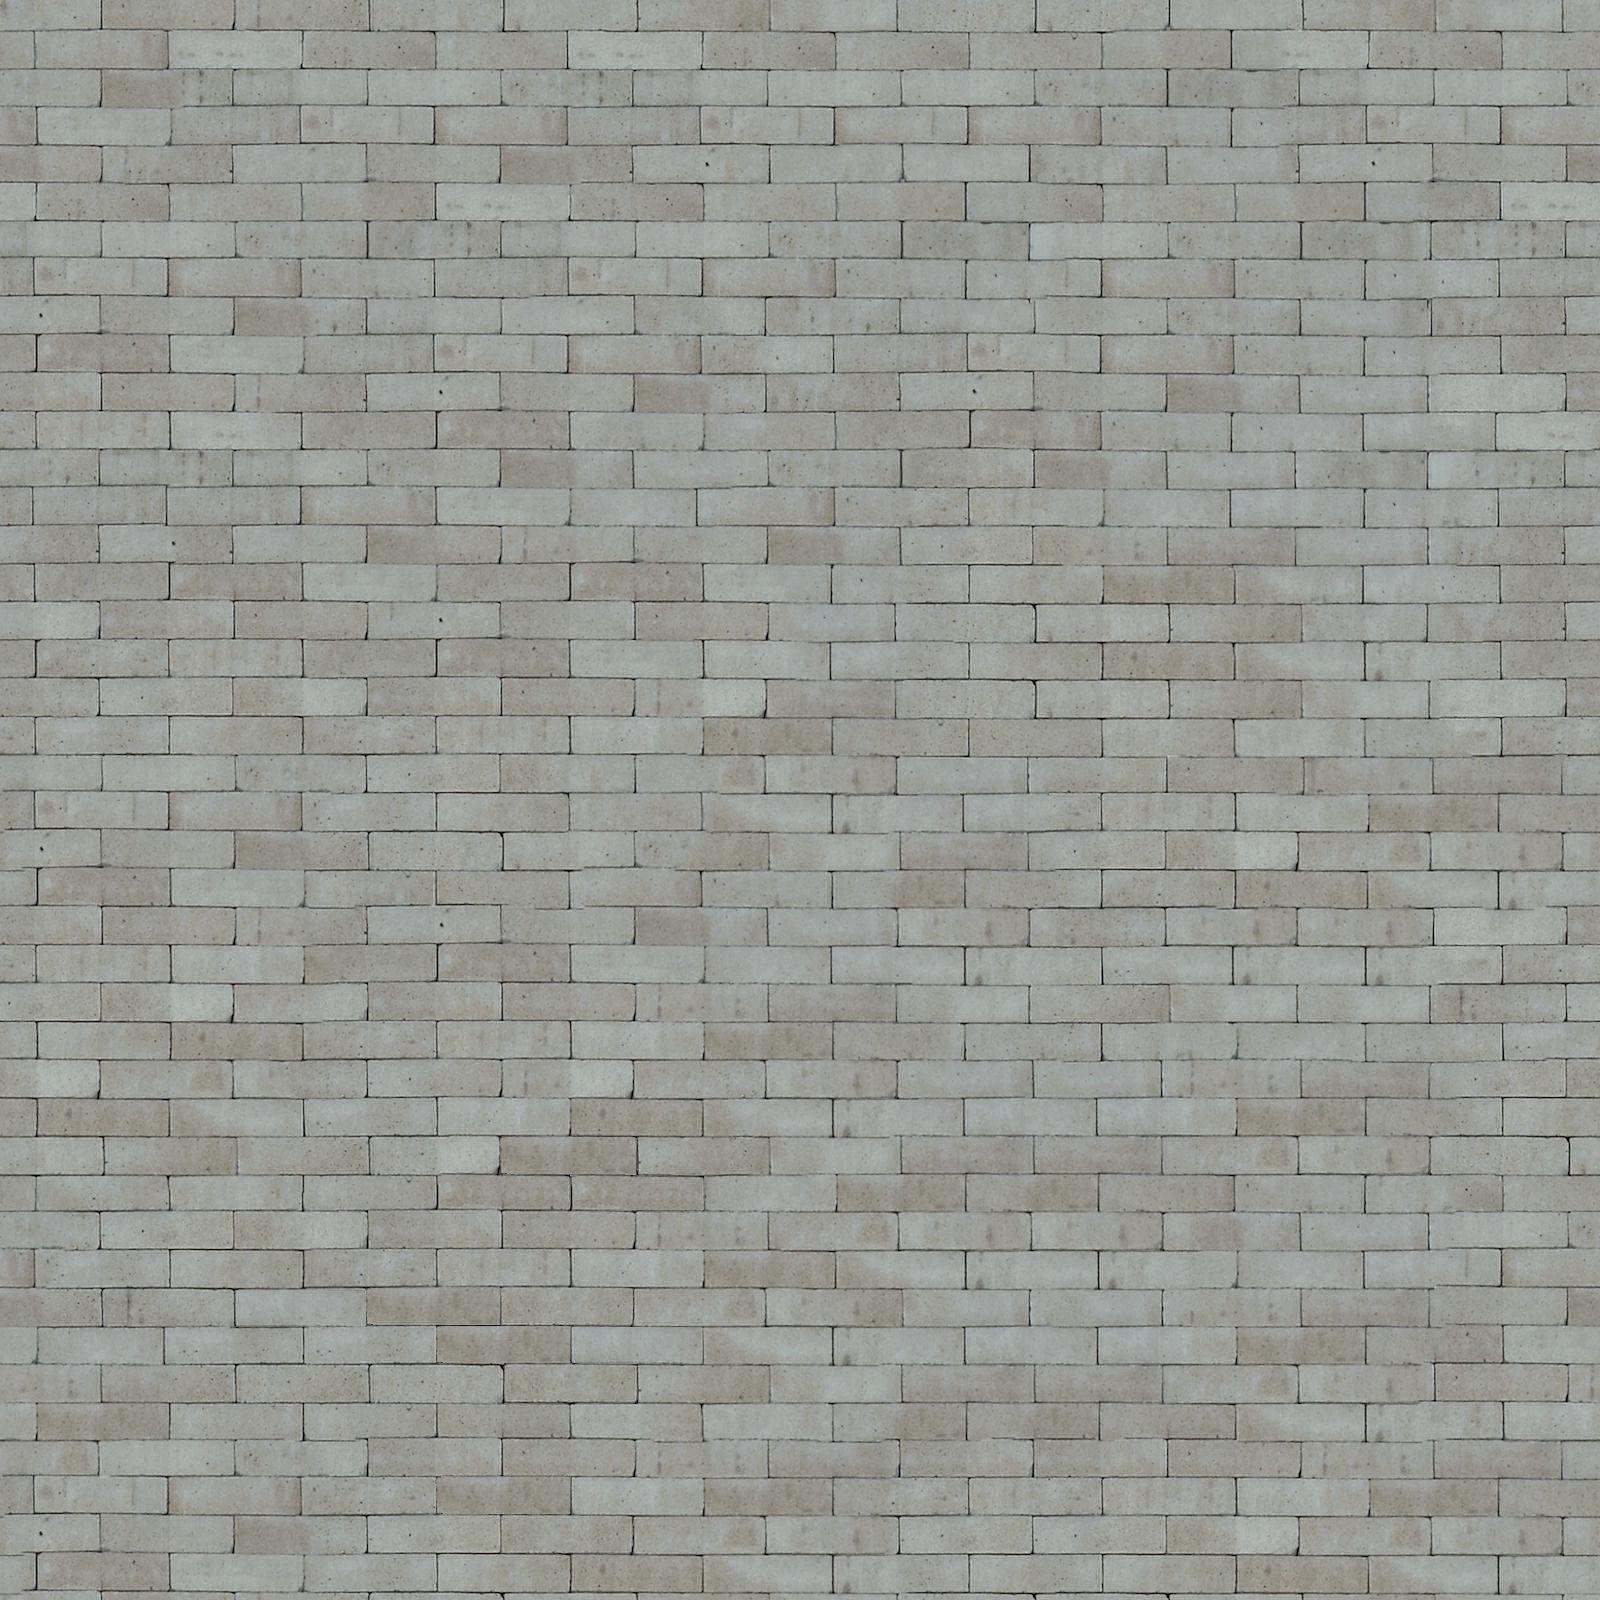 Swtexture Free Architectural Textures Concrete Pavers